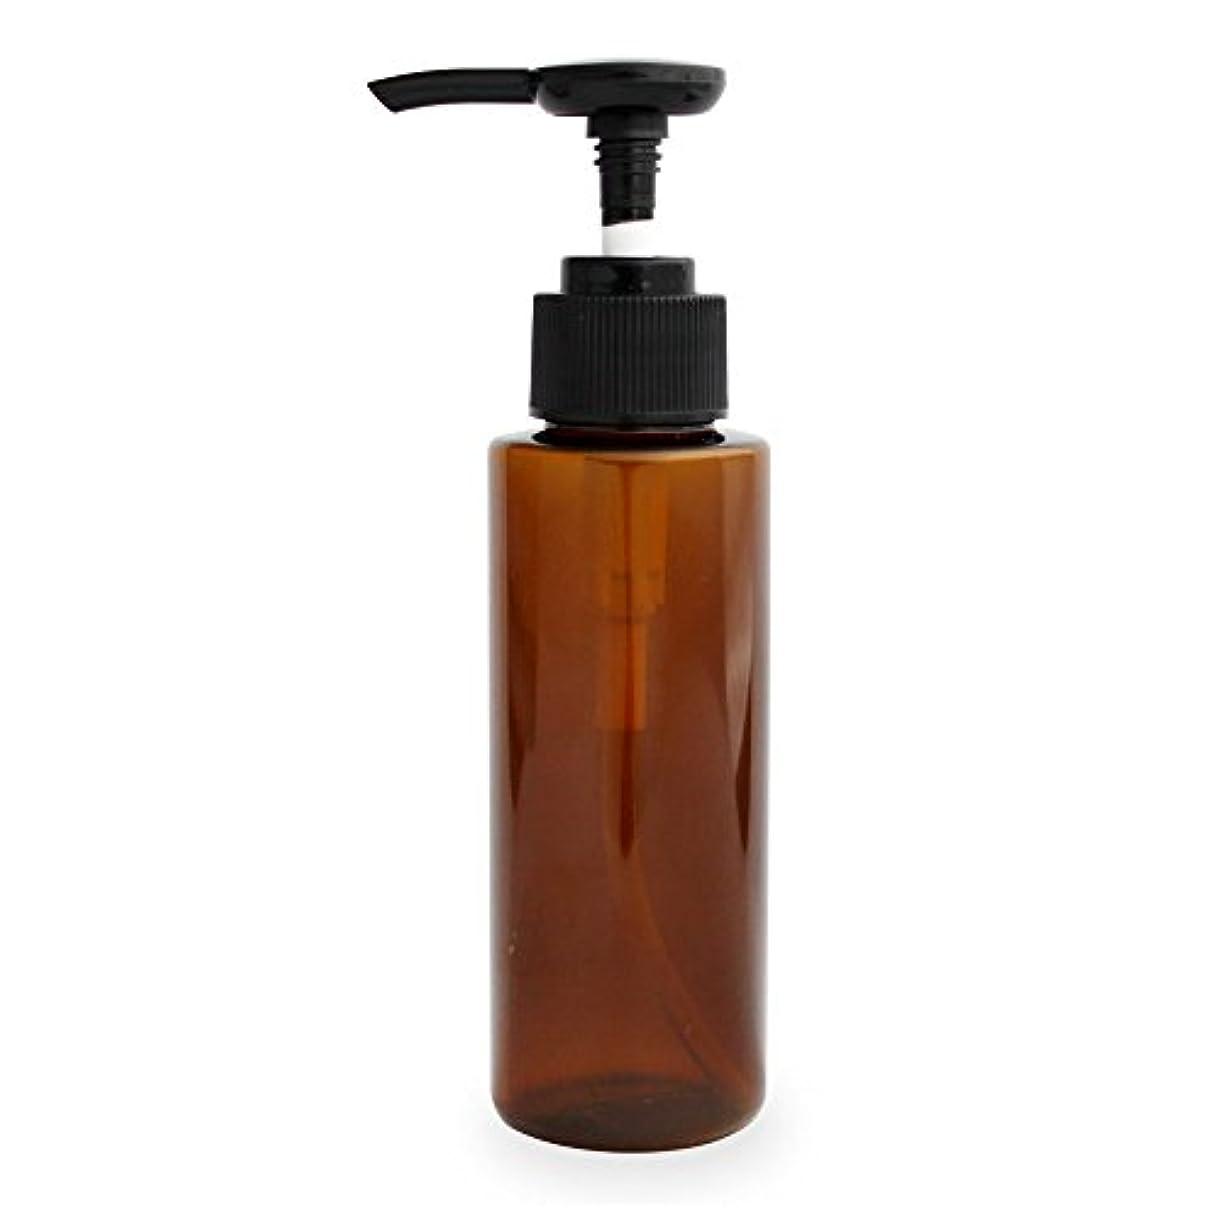 むちゃくちゃいとこ威信ポンプボトル100ml(ブラウン)(プラスチック容器 オイル用空瓶 プラスチック製-PET 空ボトル プッシュポンプ)